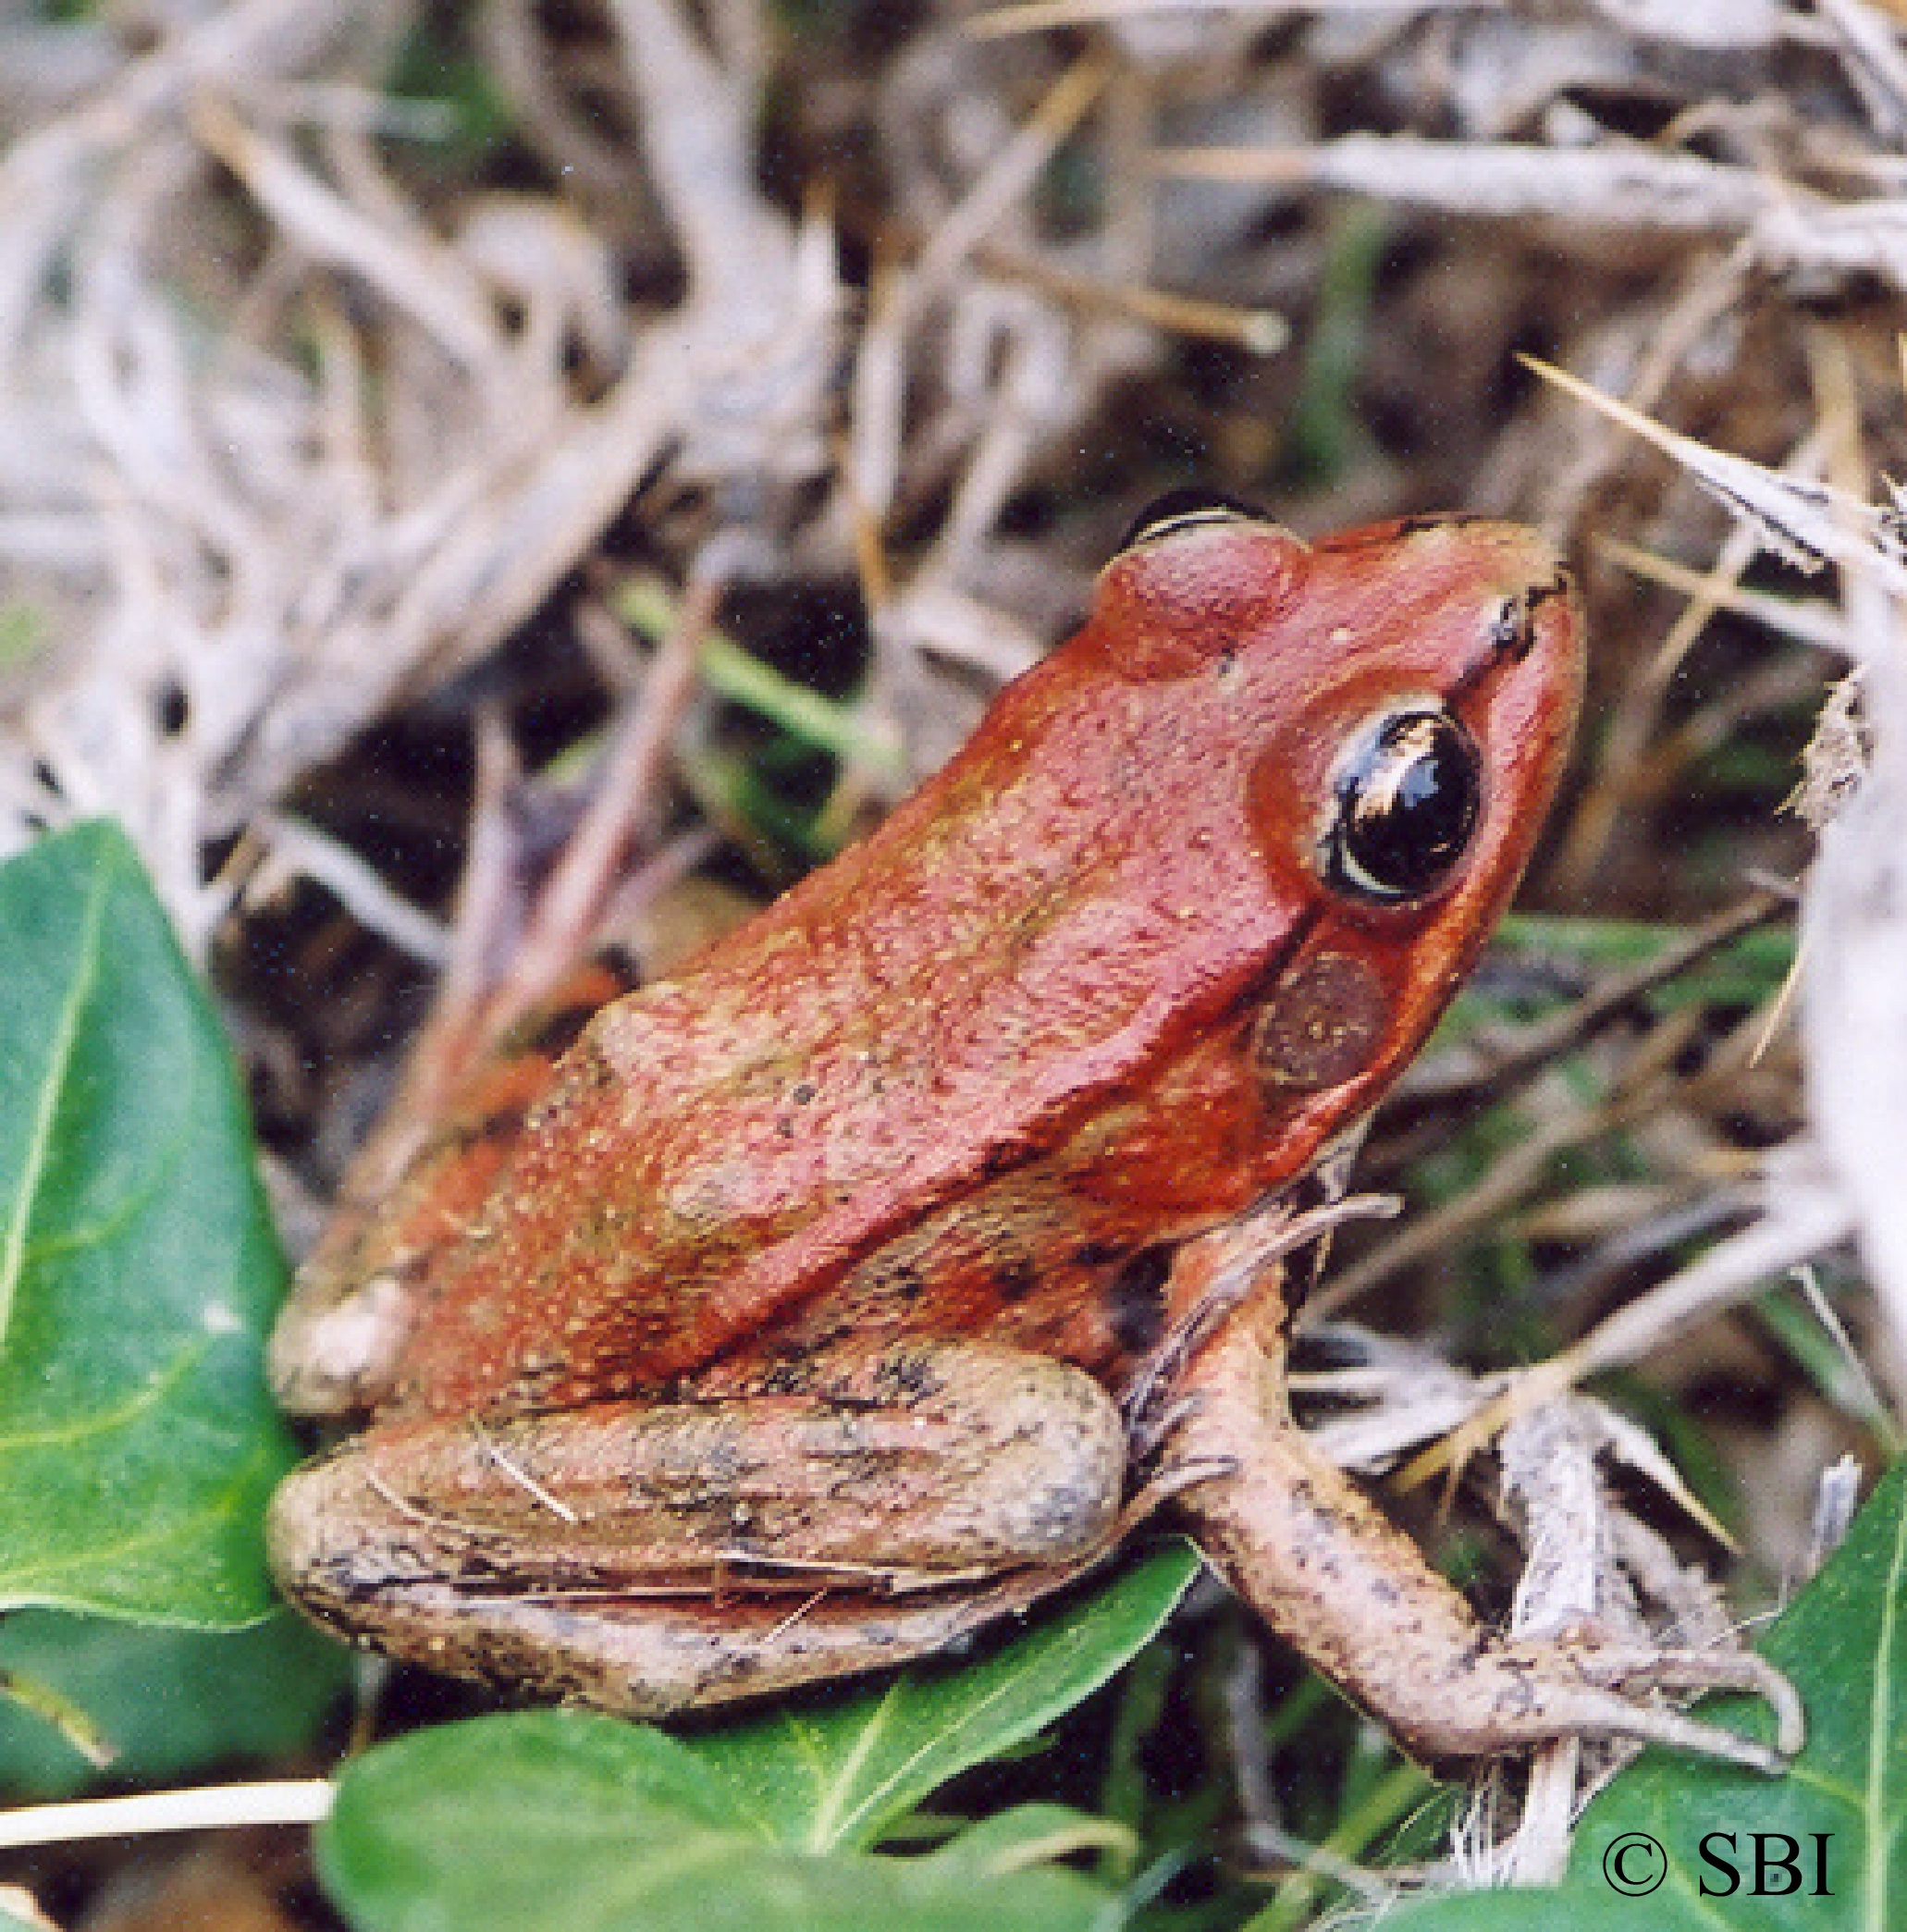 CA Red-legged Frog - Red morph